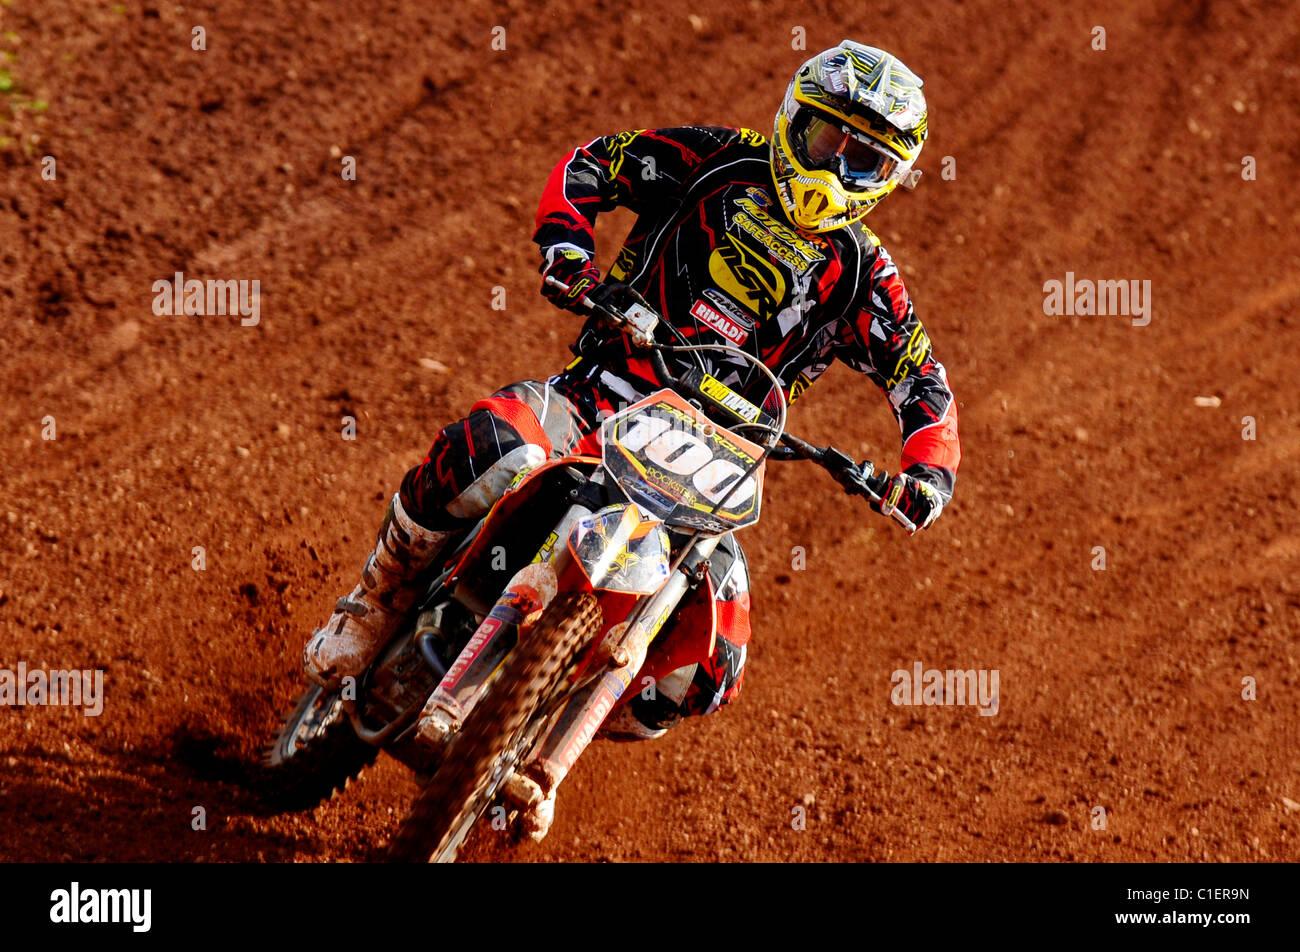 David Goosen - Maxxis British Motocross 2011 - Stock Image